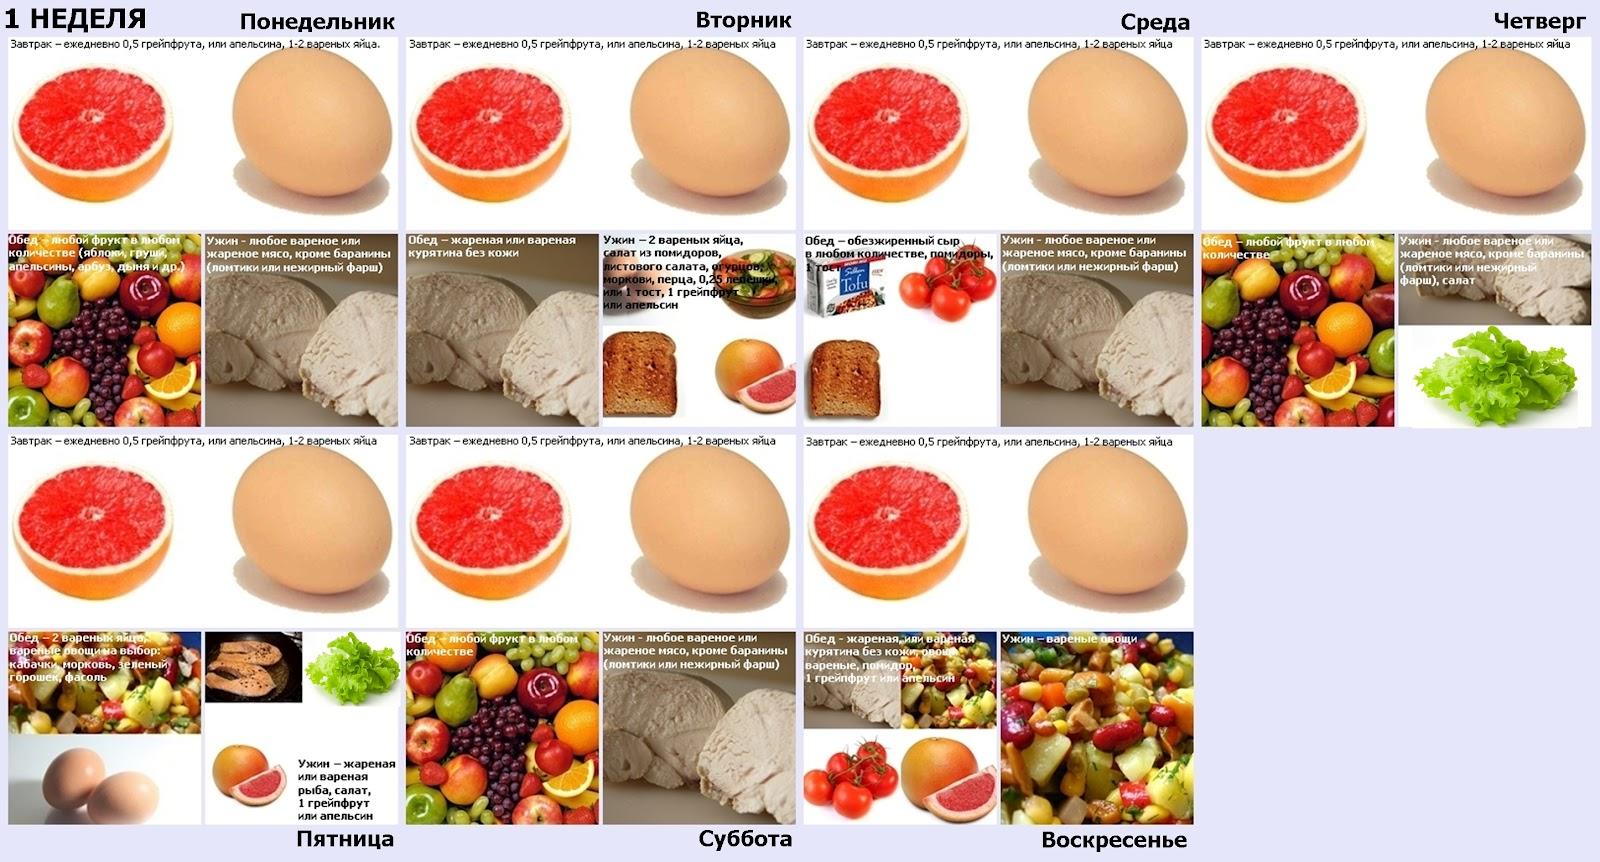 Яичная диета 4 недели рецепты для